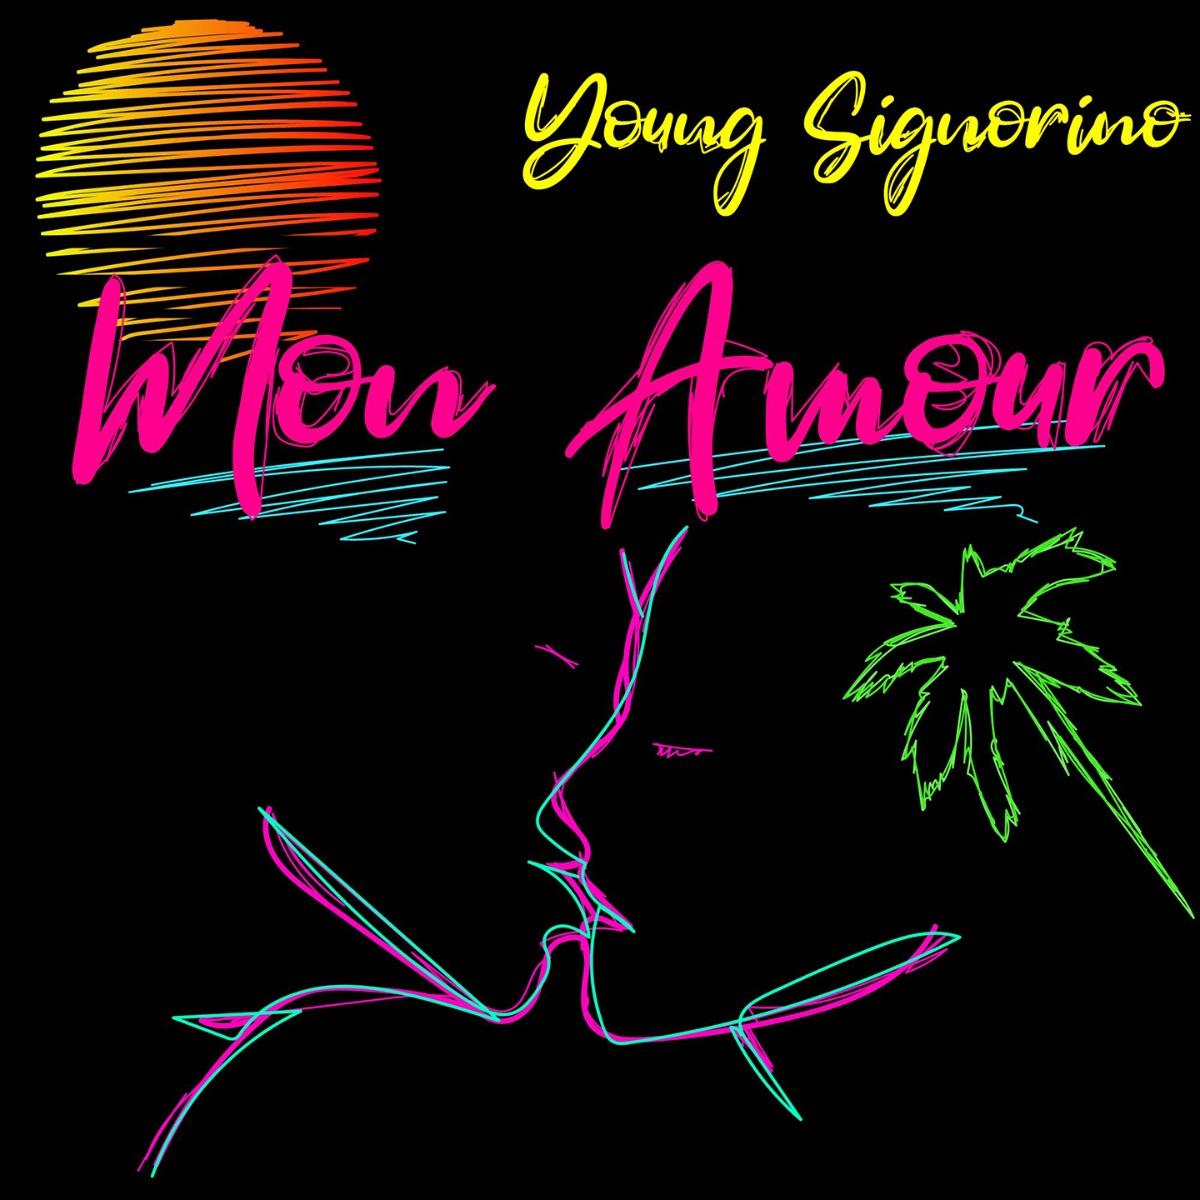 """Young Signorino, """"Mon amour"""": la svolta che nessuno si aspettava"""